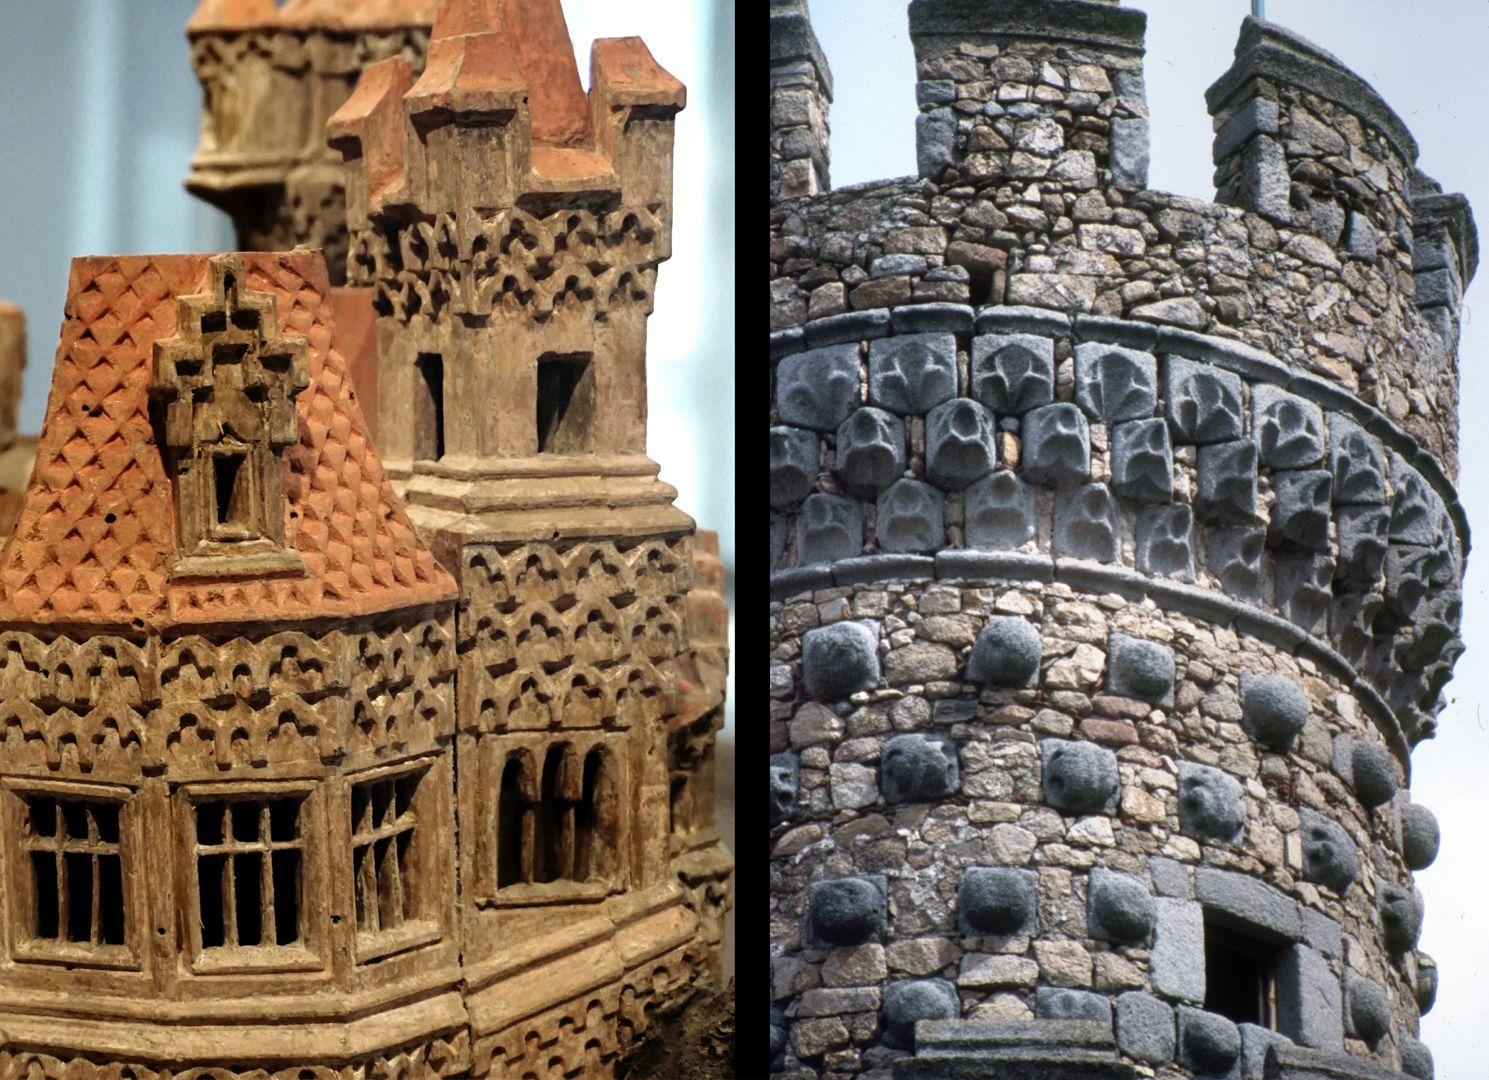 Modell einer Ritterburg Vergleich, Burgmodell und Turmdetail der Burg Real de Manzanares (nahe Madrid)